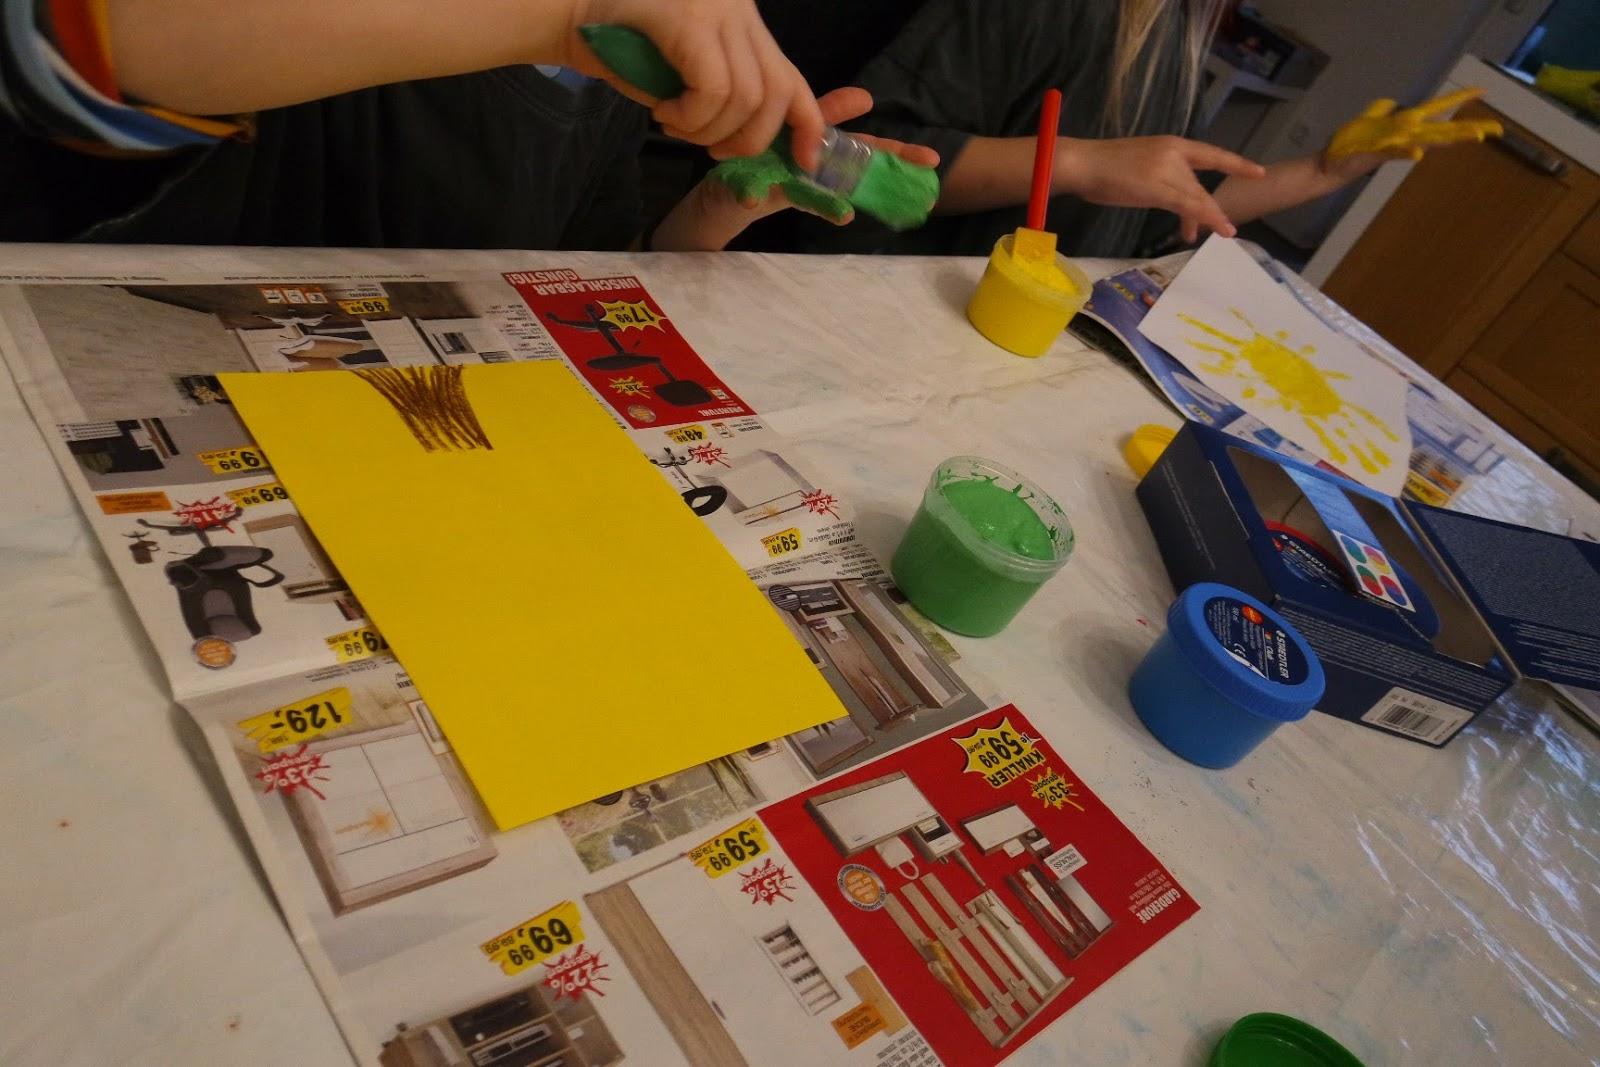 Weihnachtsbilder Gemalt.Pamelopee Kinder Malen Weihnachtsbilder Mit Fingerfarben